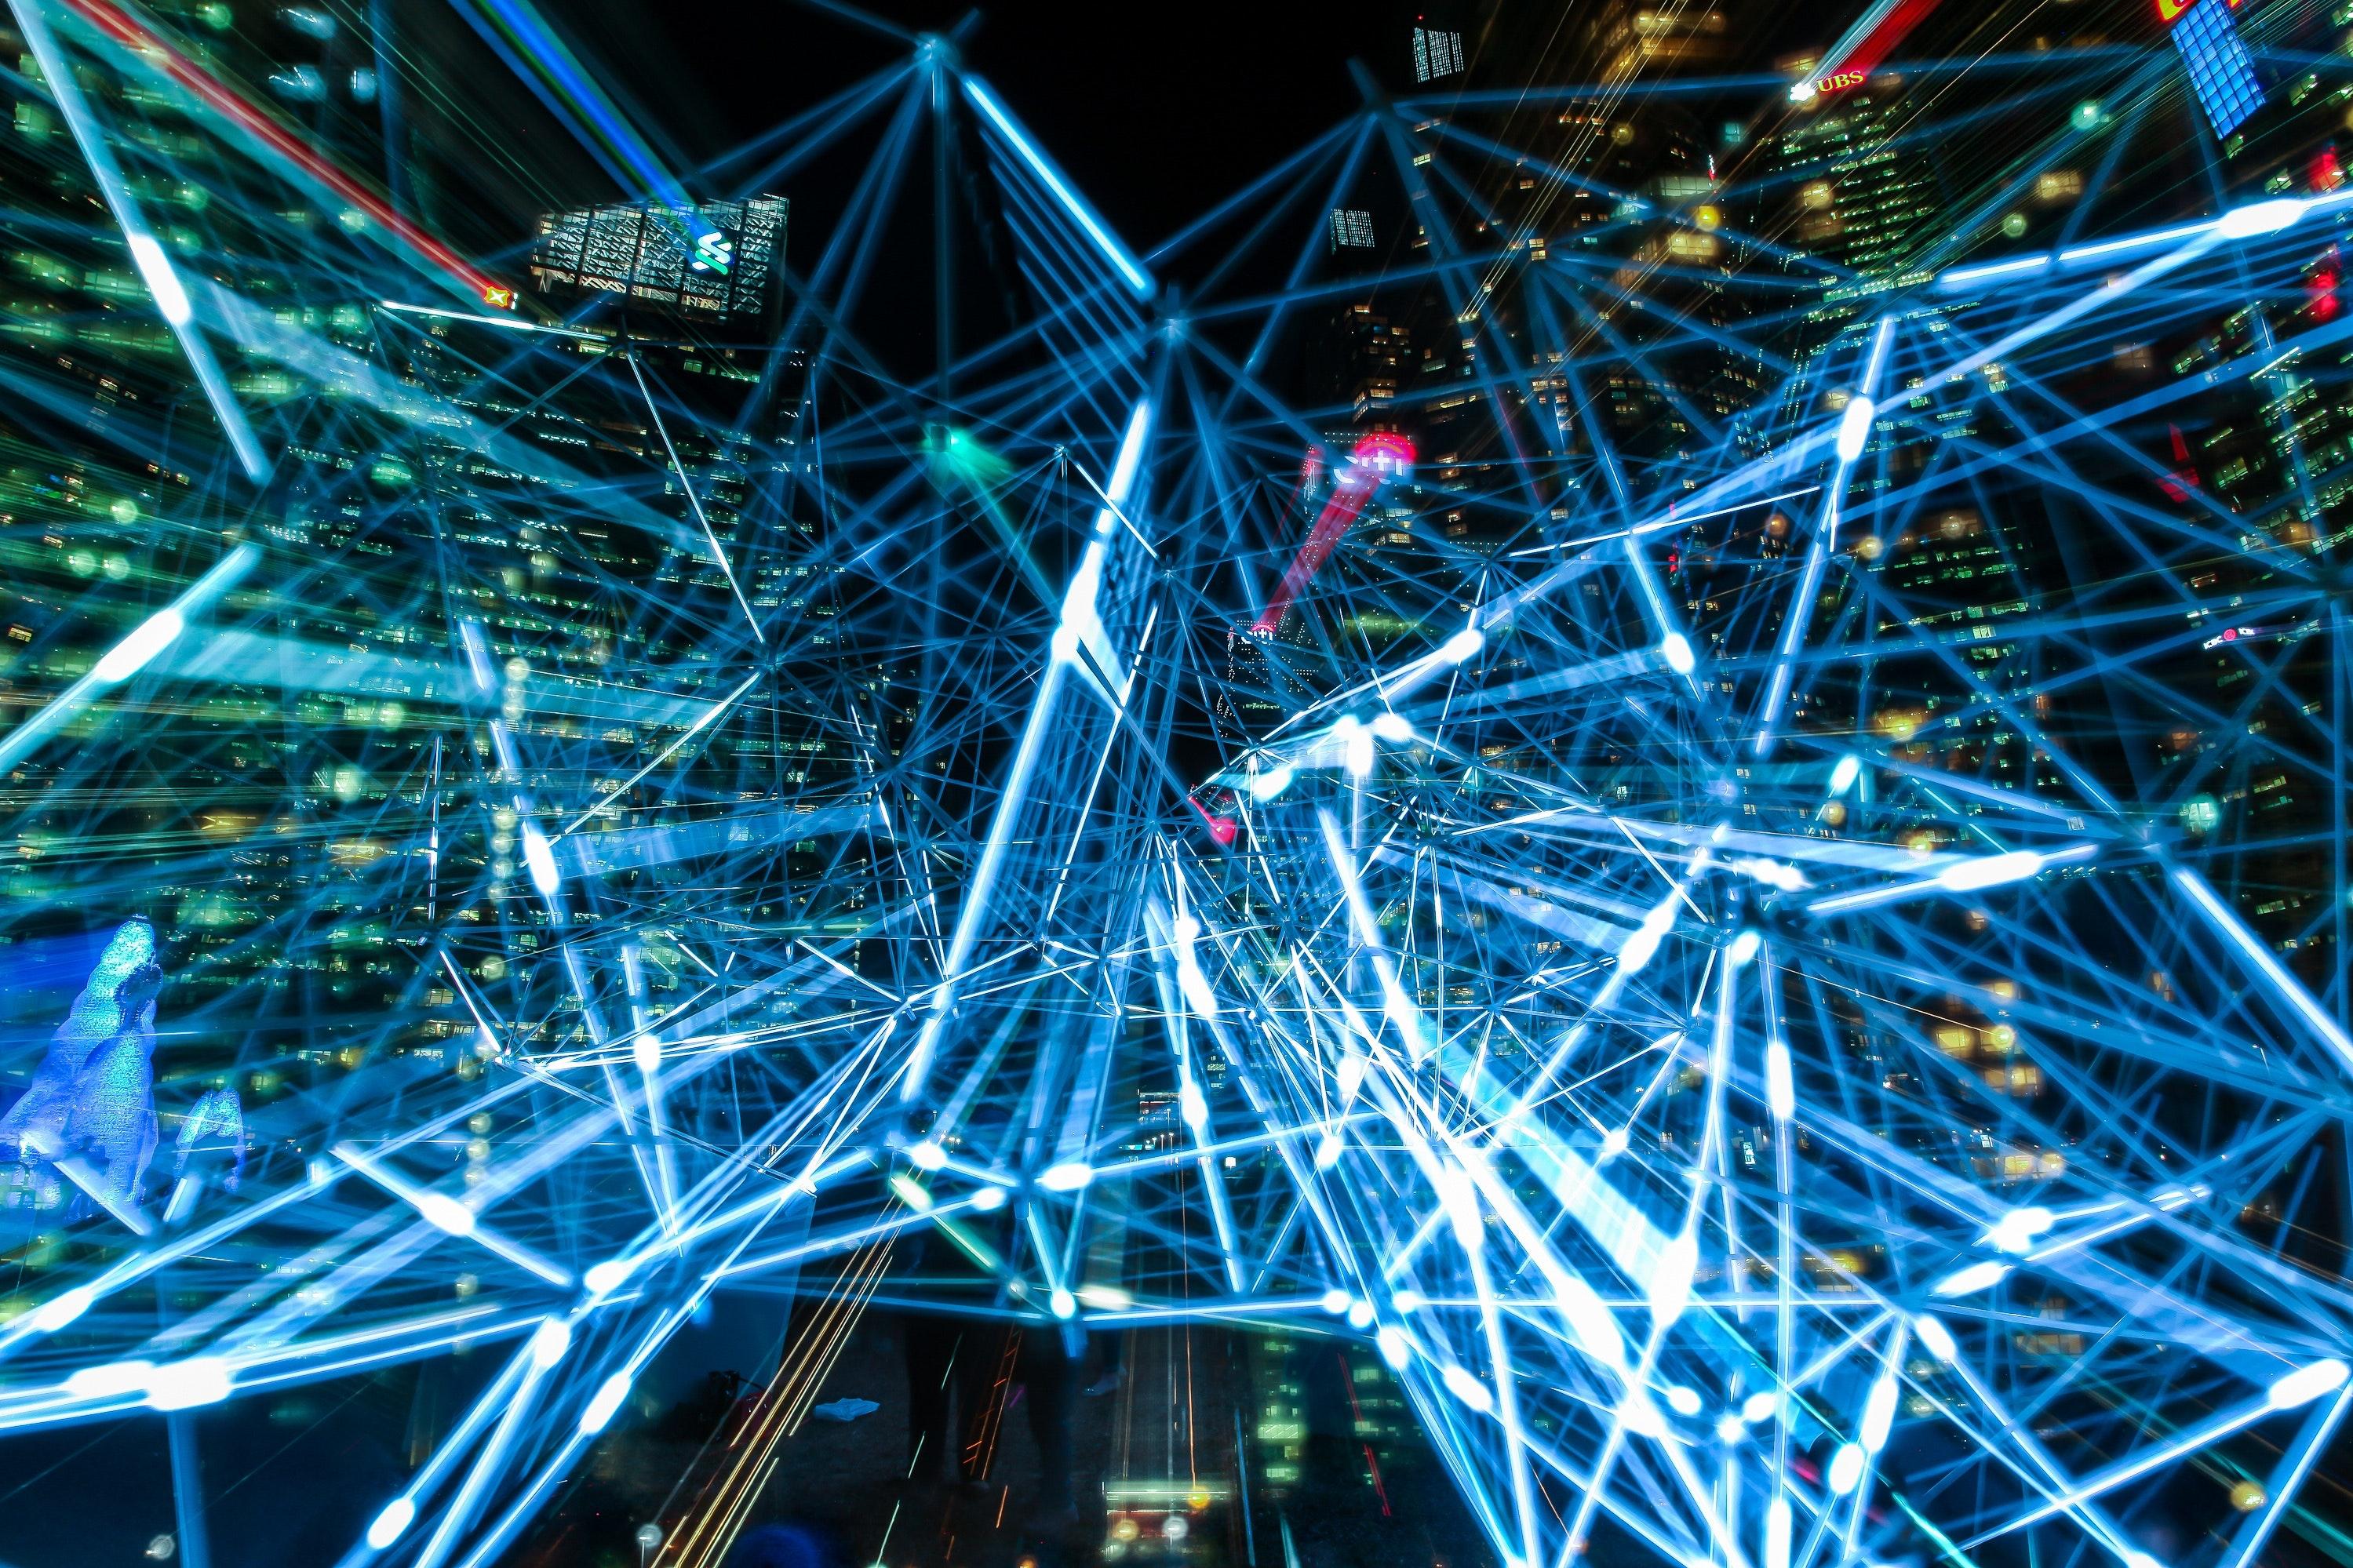 Accesso agli atti e ai documenti della Pubblica Amministrazione, la trasparenza e l'accesso civico nell'era della digitalizzazione